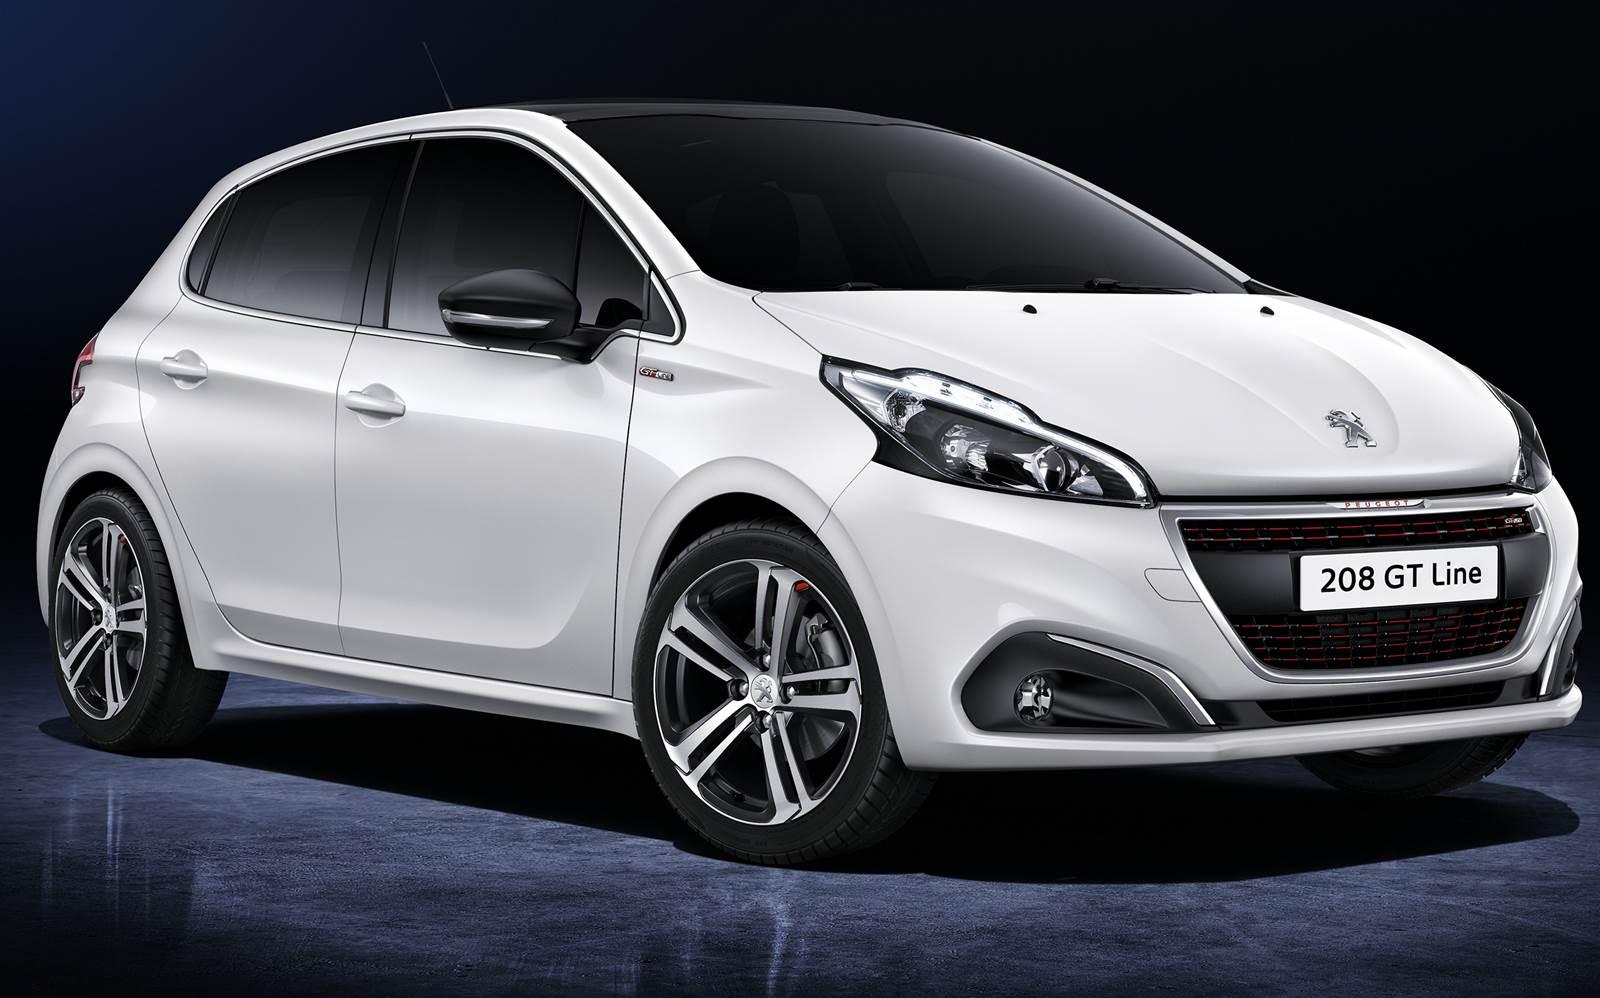 Novo Peugeot 208 2016 GT Line